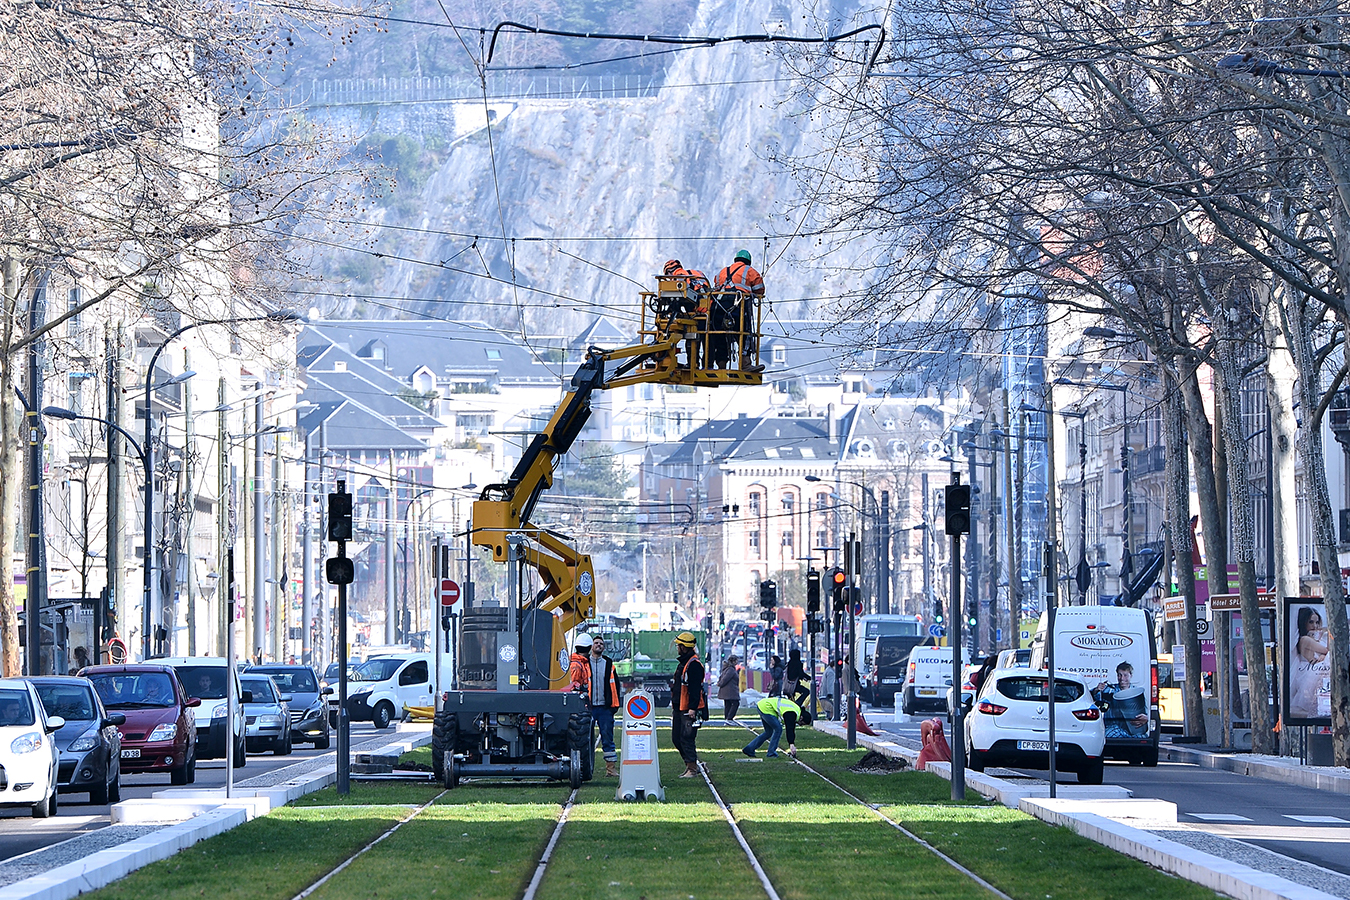 Deux ouvriers sur un engin réalise l'électrification d'une ligne de tramway.